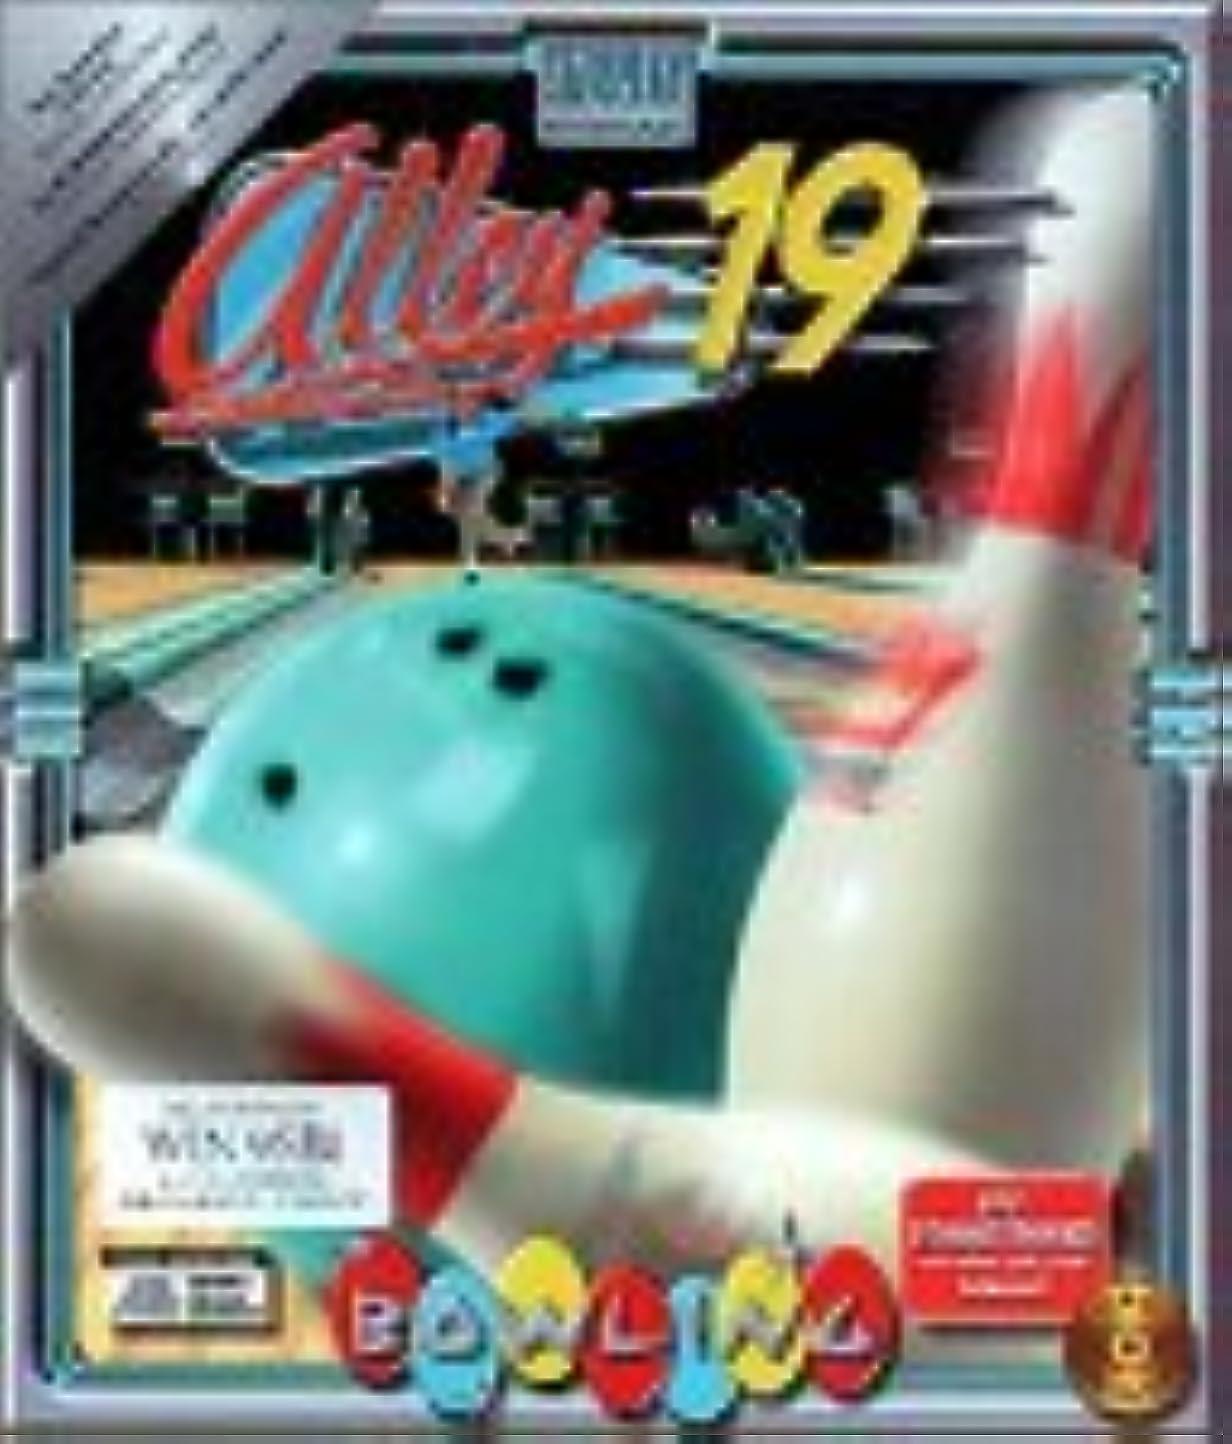 溝見せます方程式Alley 19 Bowling For Win95